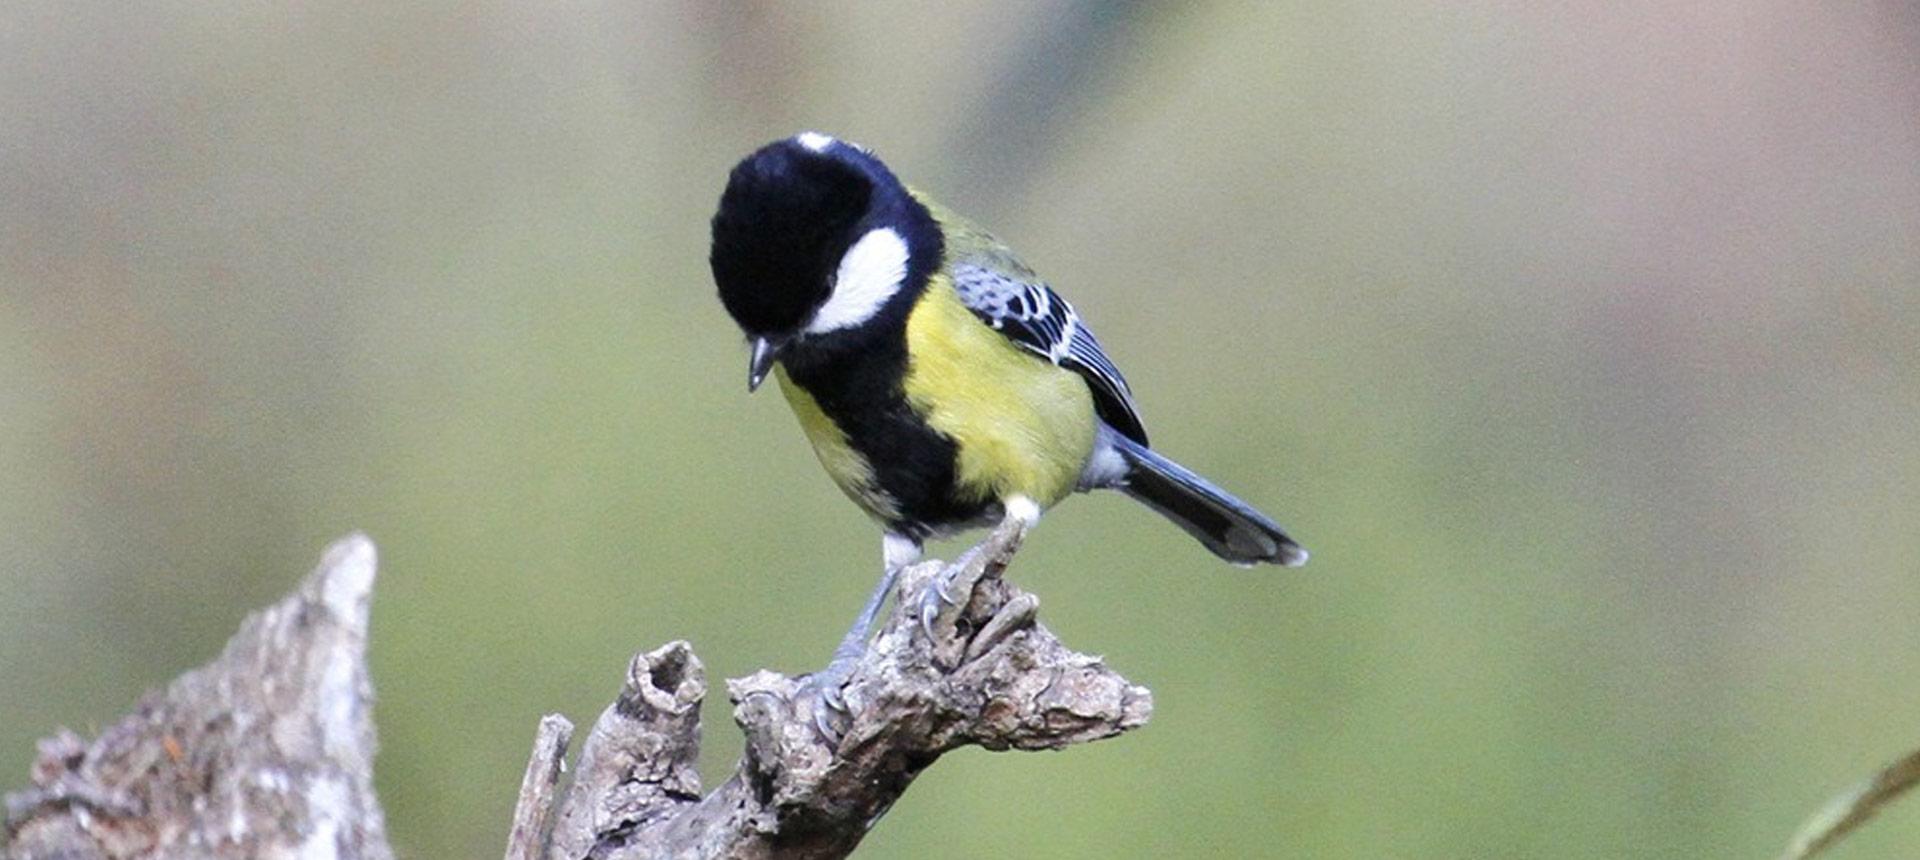 Bird Watching activities in Prakriti Resort and Organic Farm